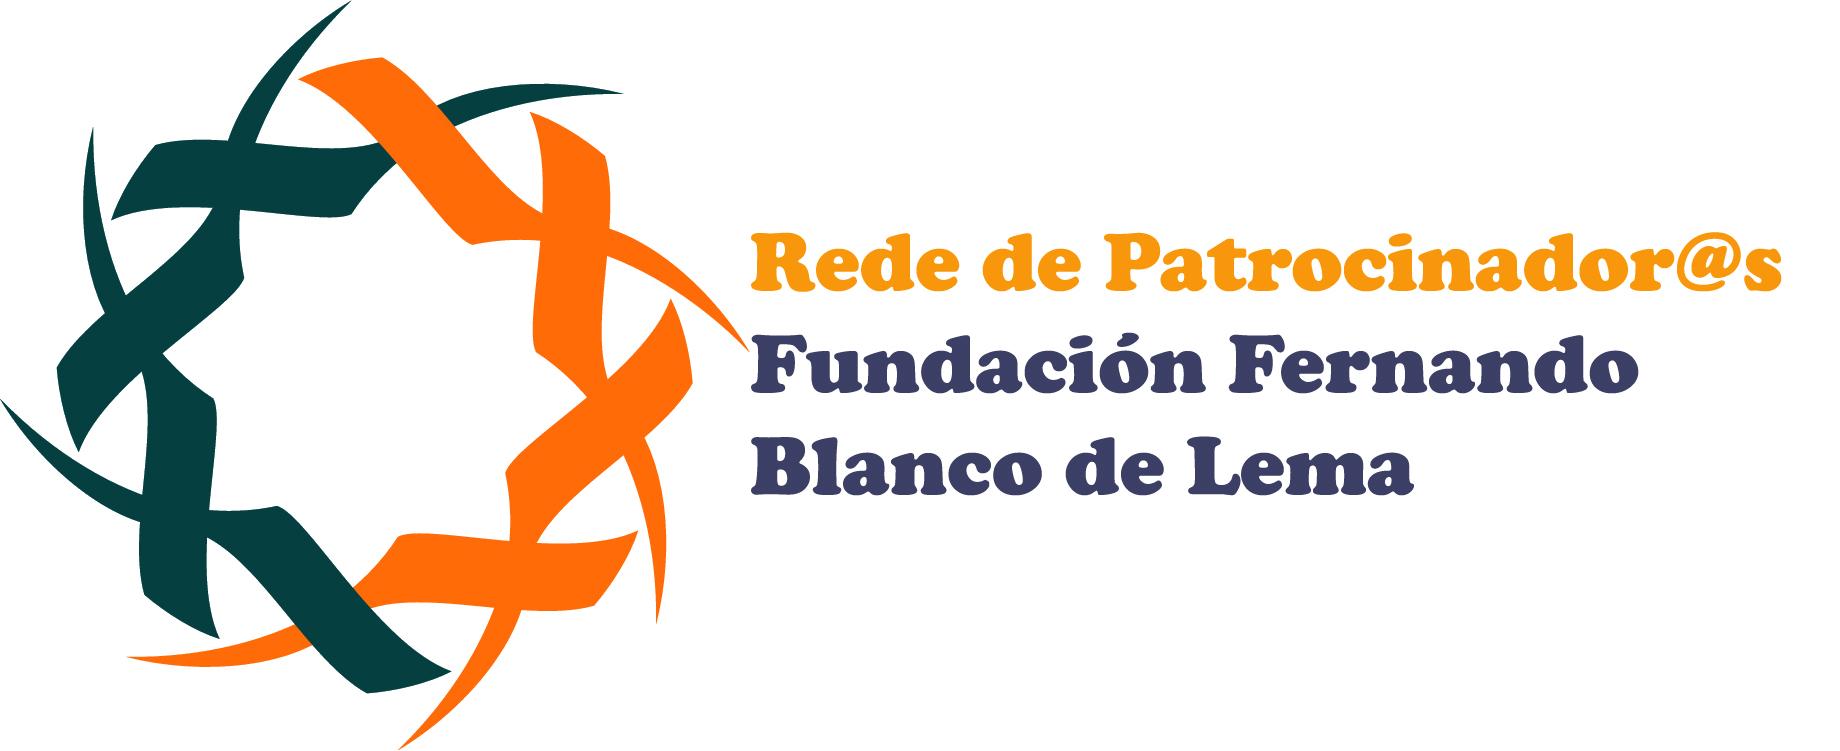 PATROCINA FUNDACIÓN FERNANDO BLANCO